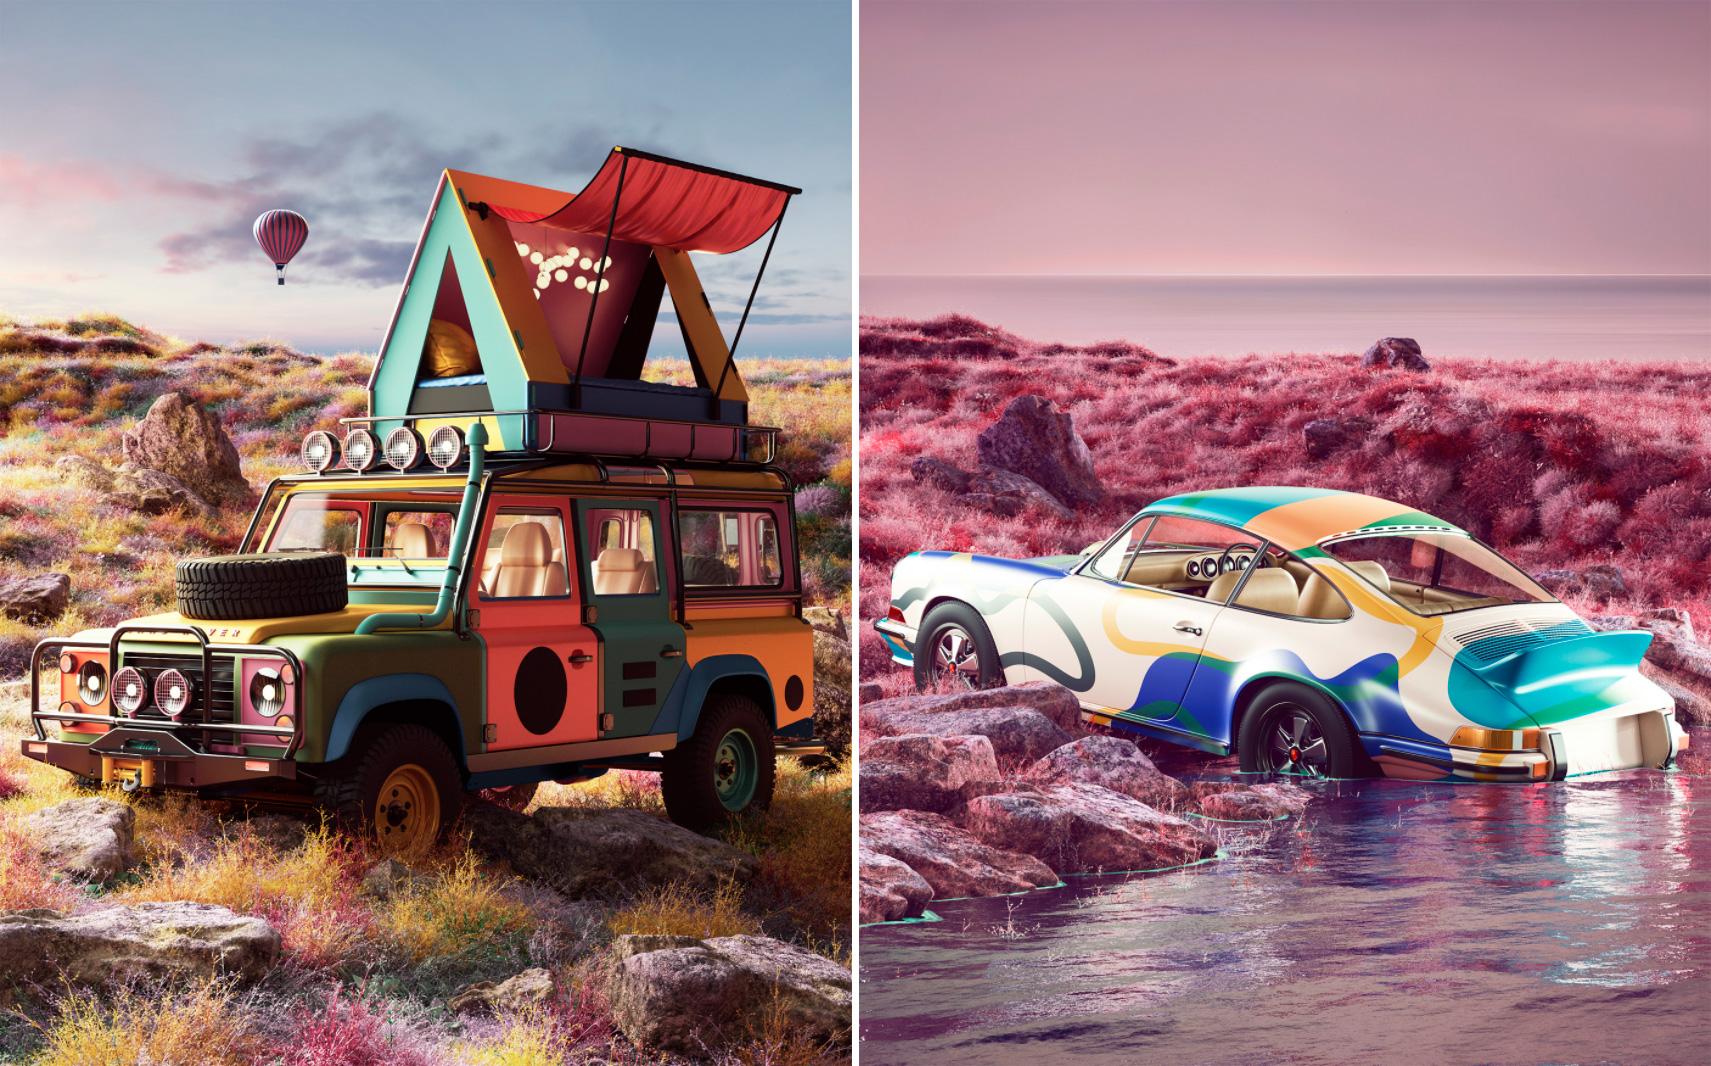 Art работы выполнены в Cinema 4d и откорректированные в Photoshop